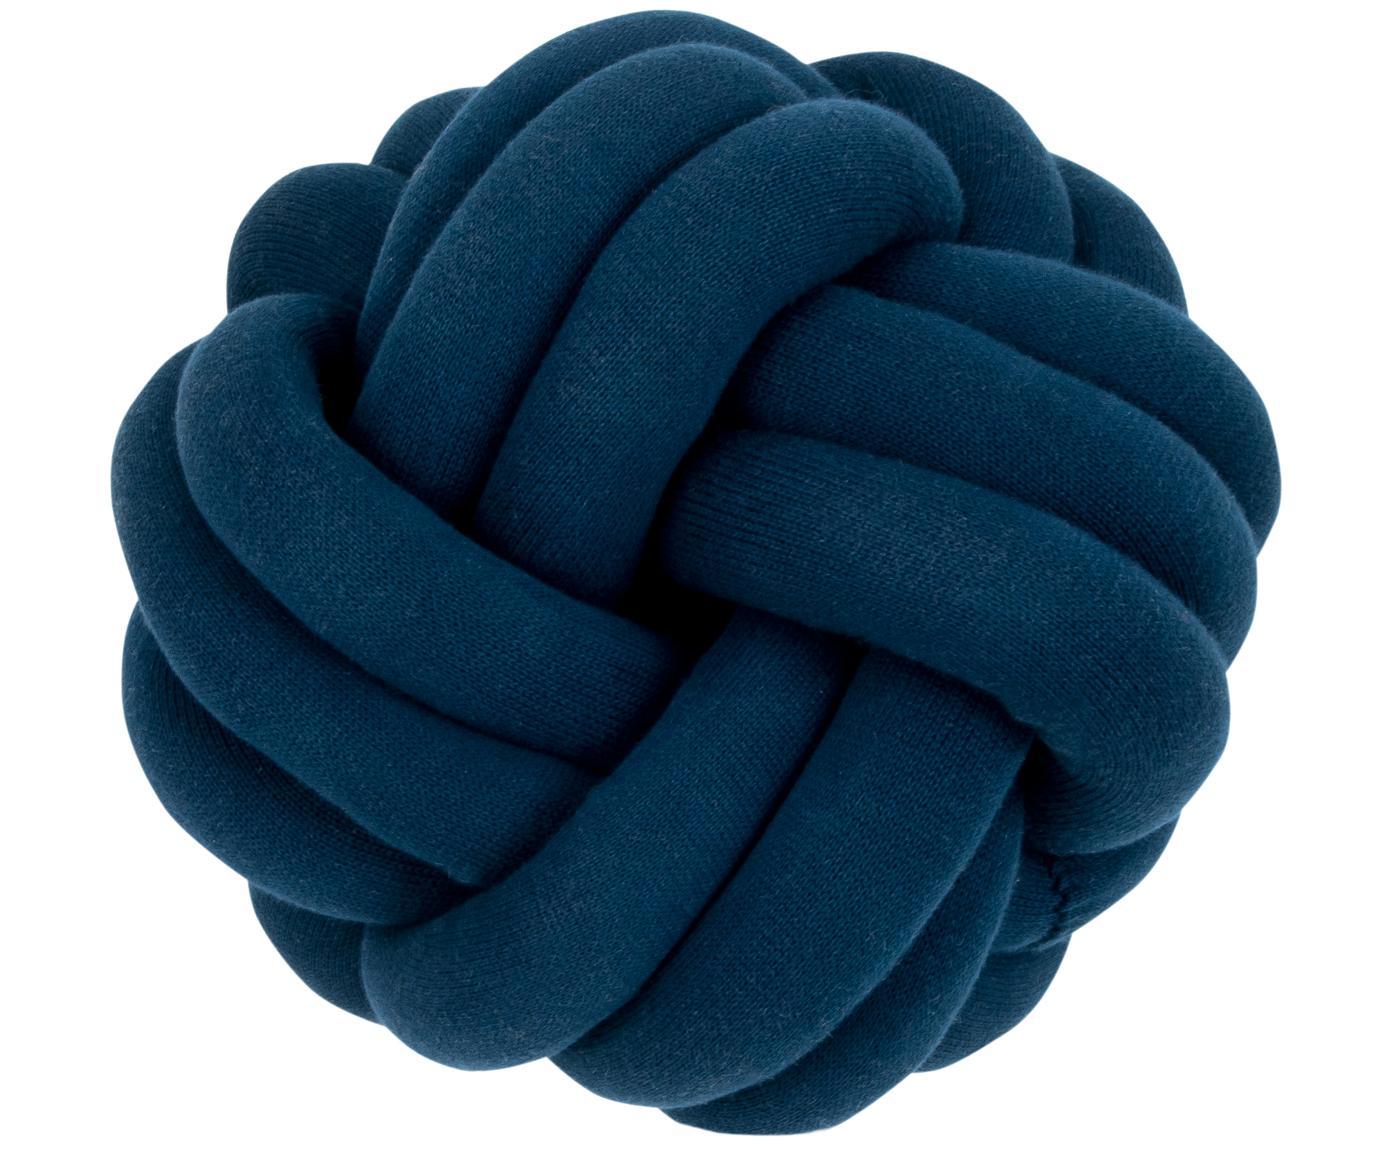 Poduszka Twist, Ciemny niebieski, Ø 30 cm